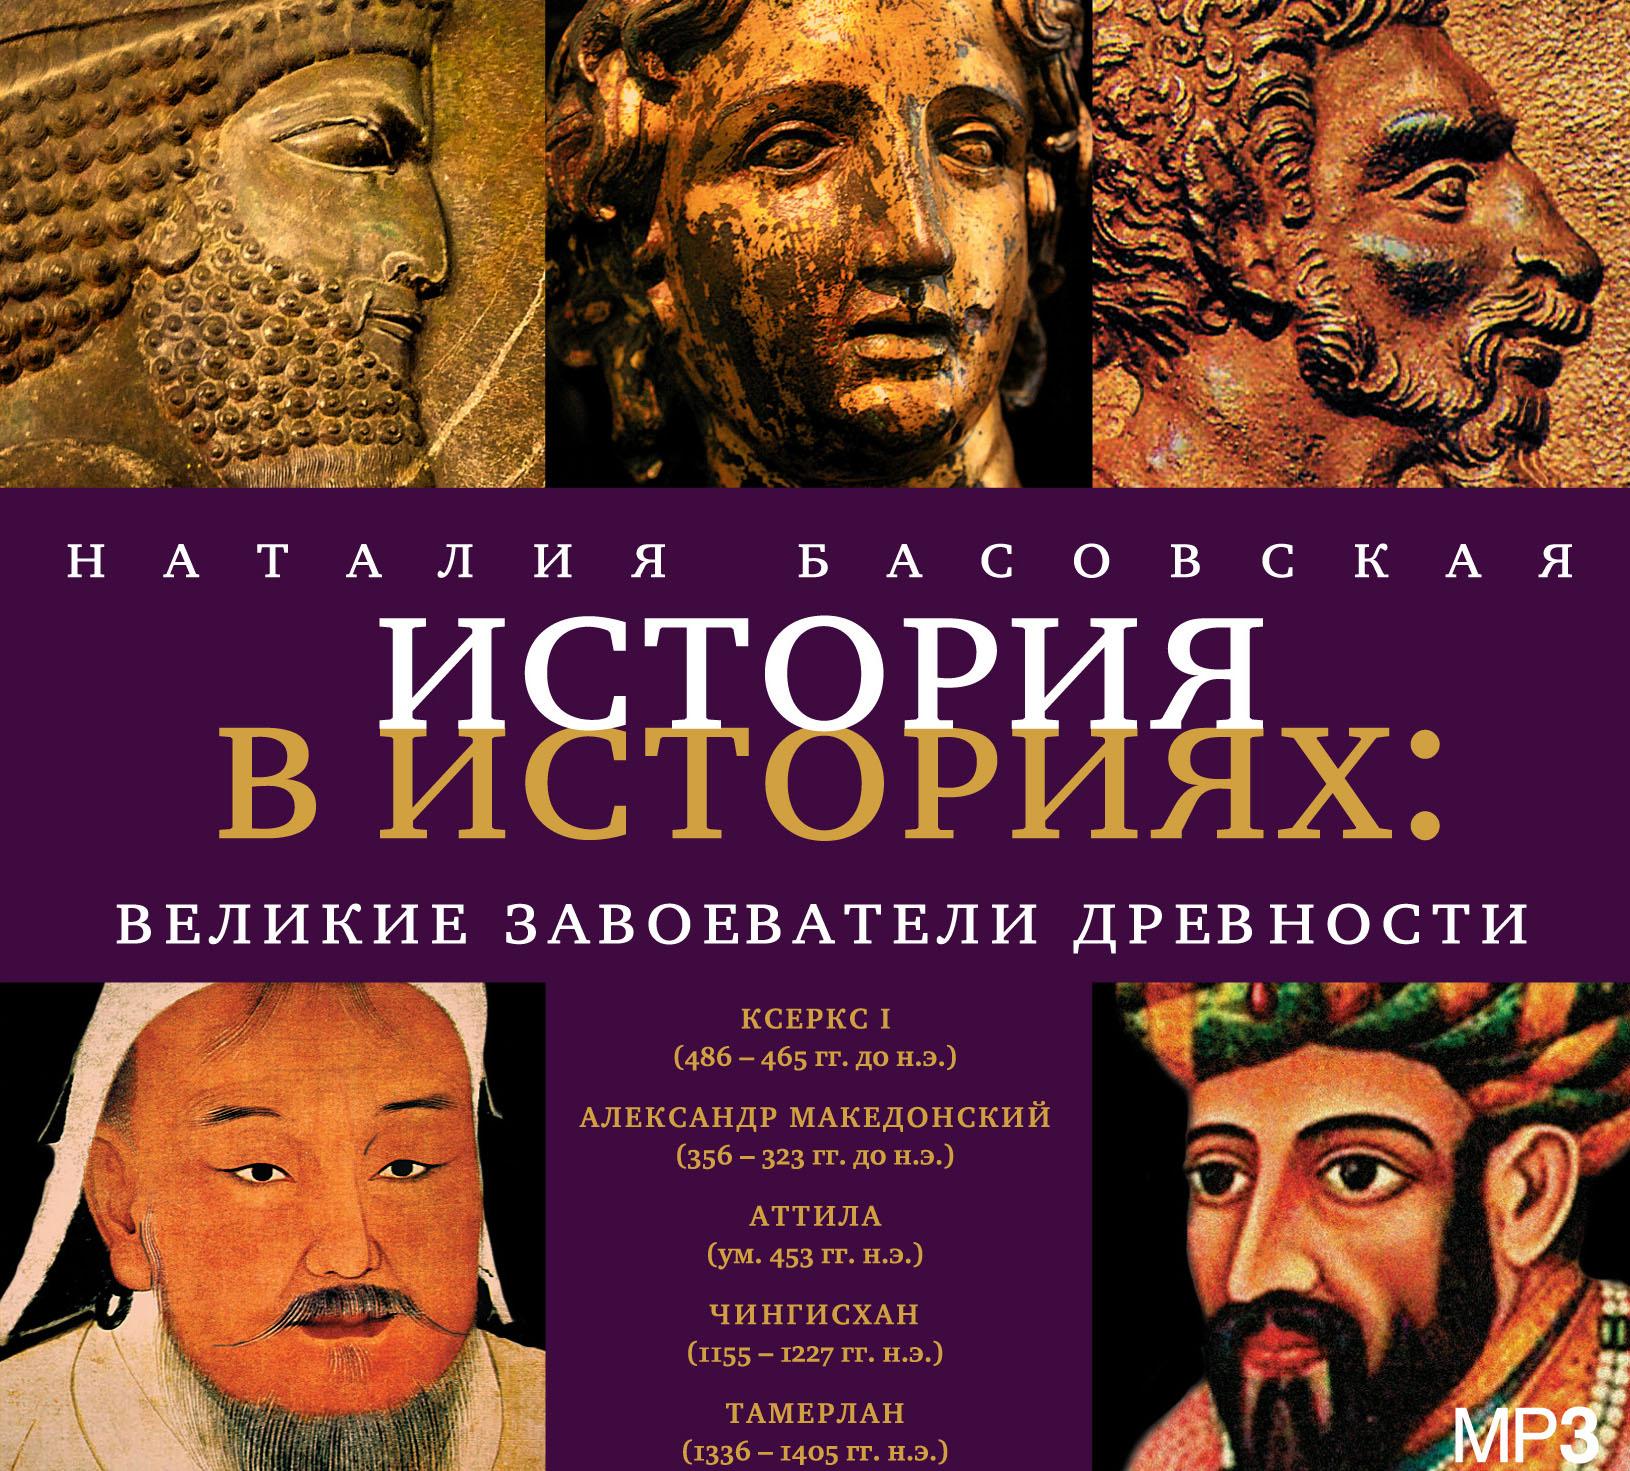 Великие завоеватели древности